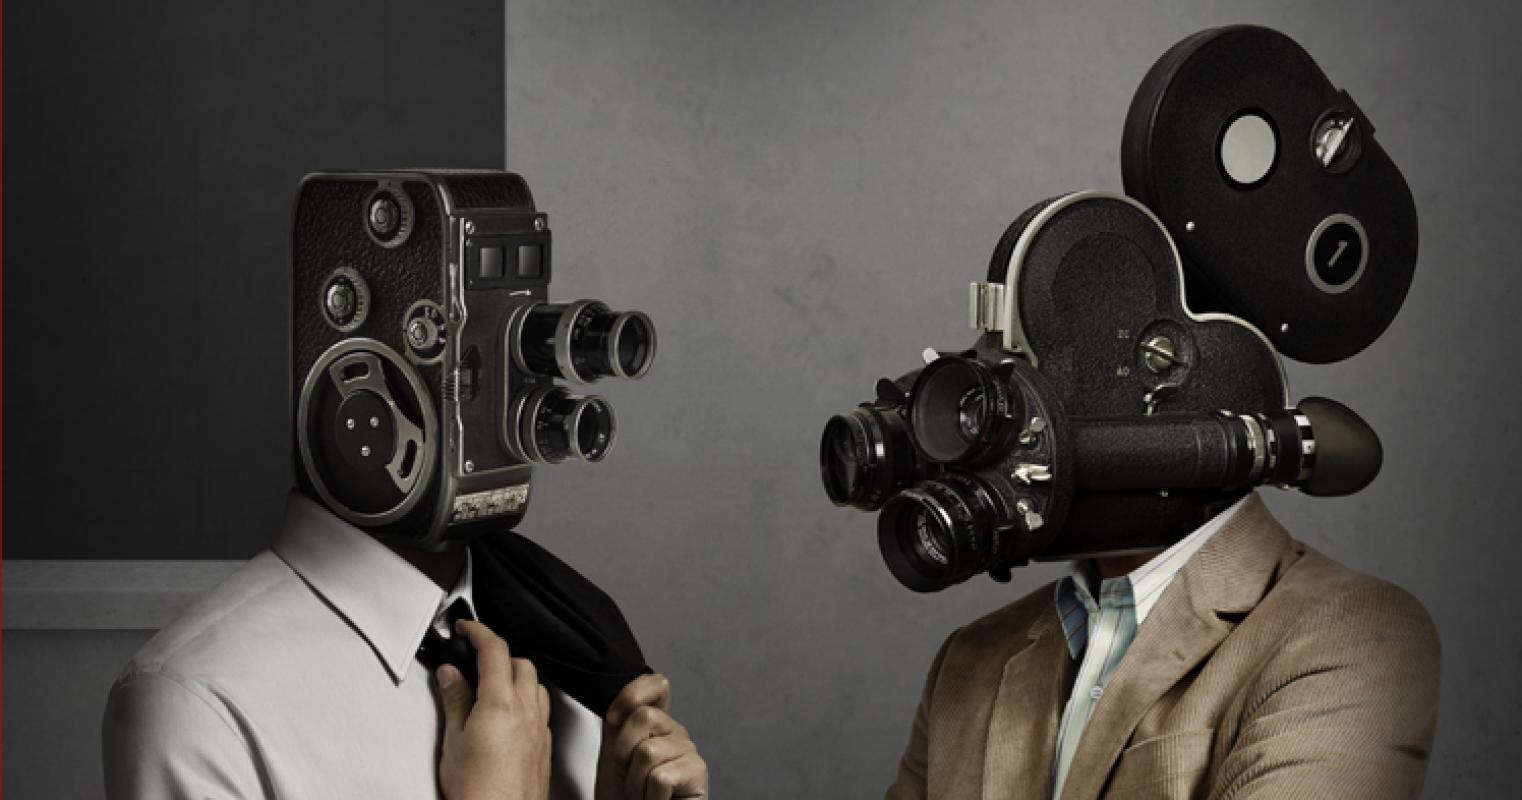 Нужны разные типажи 25-50 лет для видео съёмки стоков